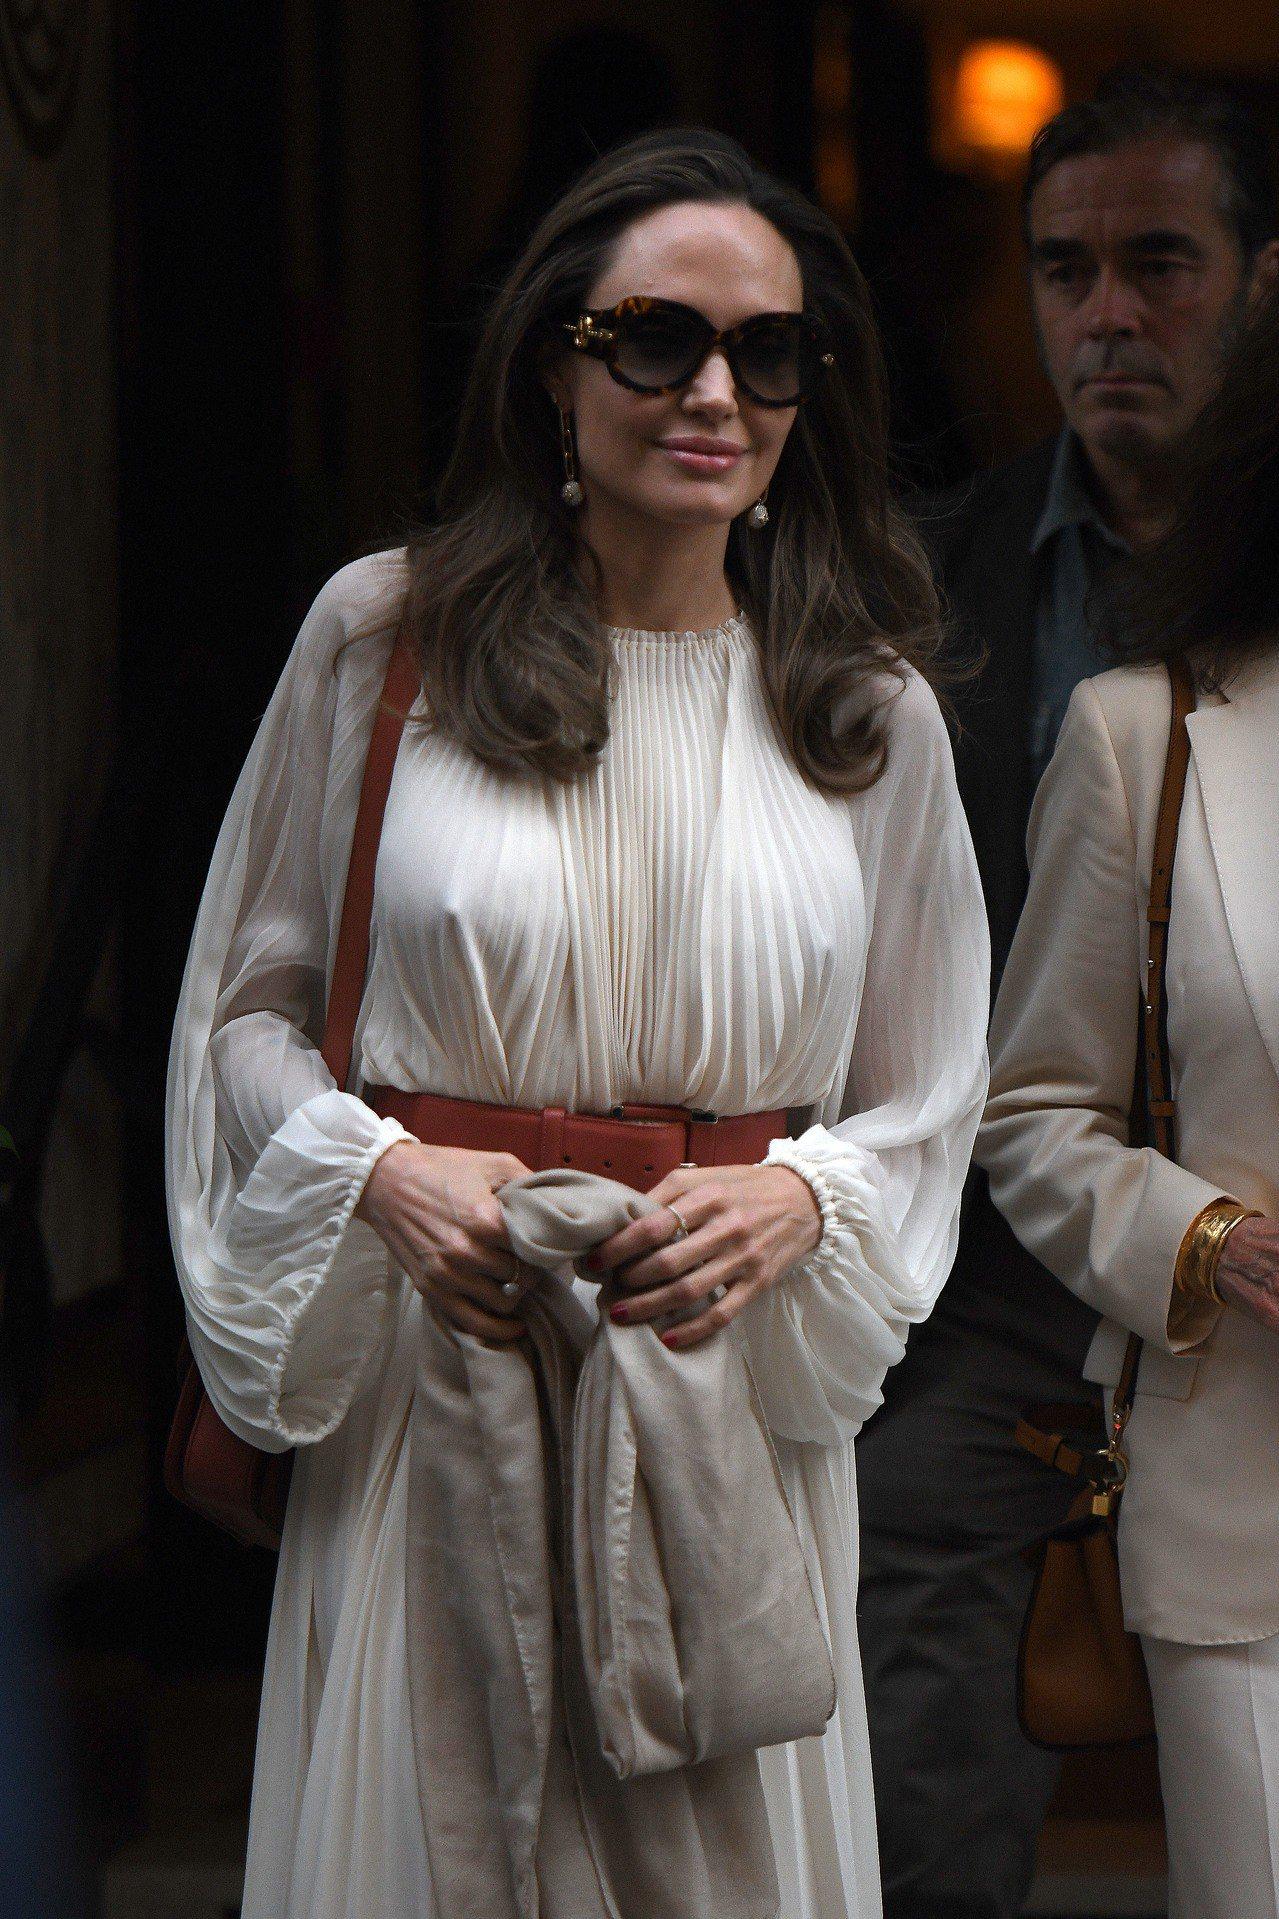 女神安潔莉娜裘莉現身巴黎,配戴了Louis Vuitton的B BLOSSOM系...